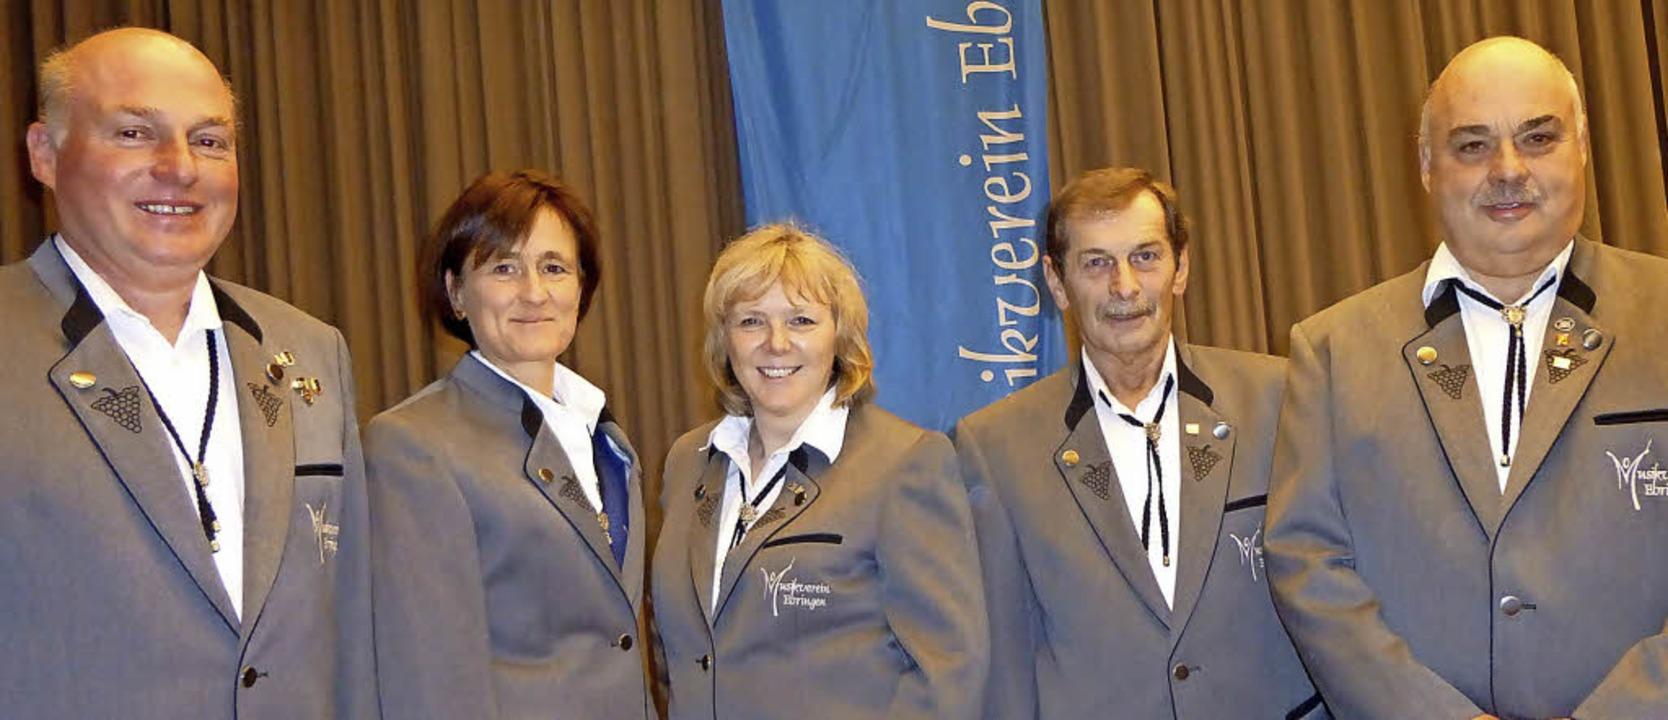 Für langjährige Mitgliedschaft geehrt ..., Gerold Franz und Wolfgang Zähringer   | Foto: Anne Freyer